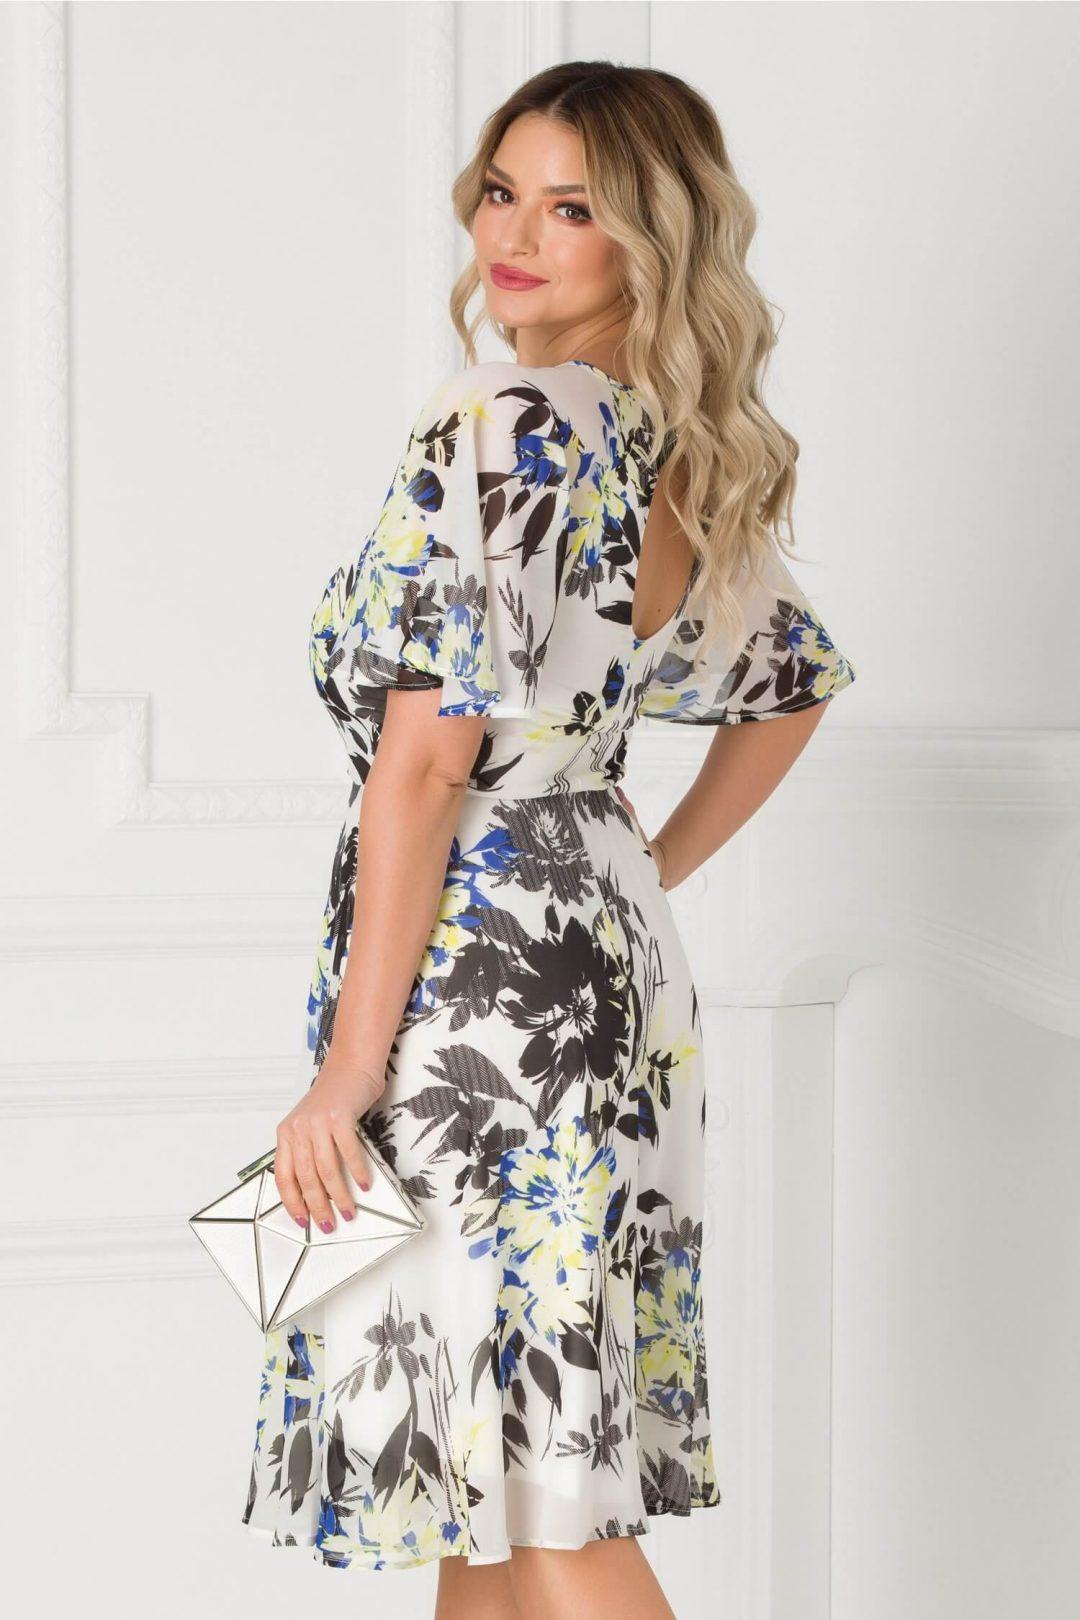 rochii online la prețuri accesibile